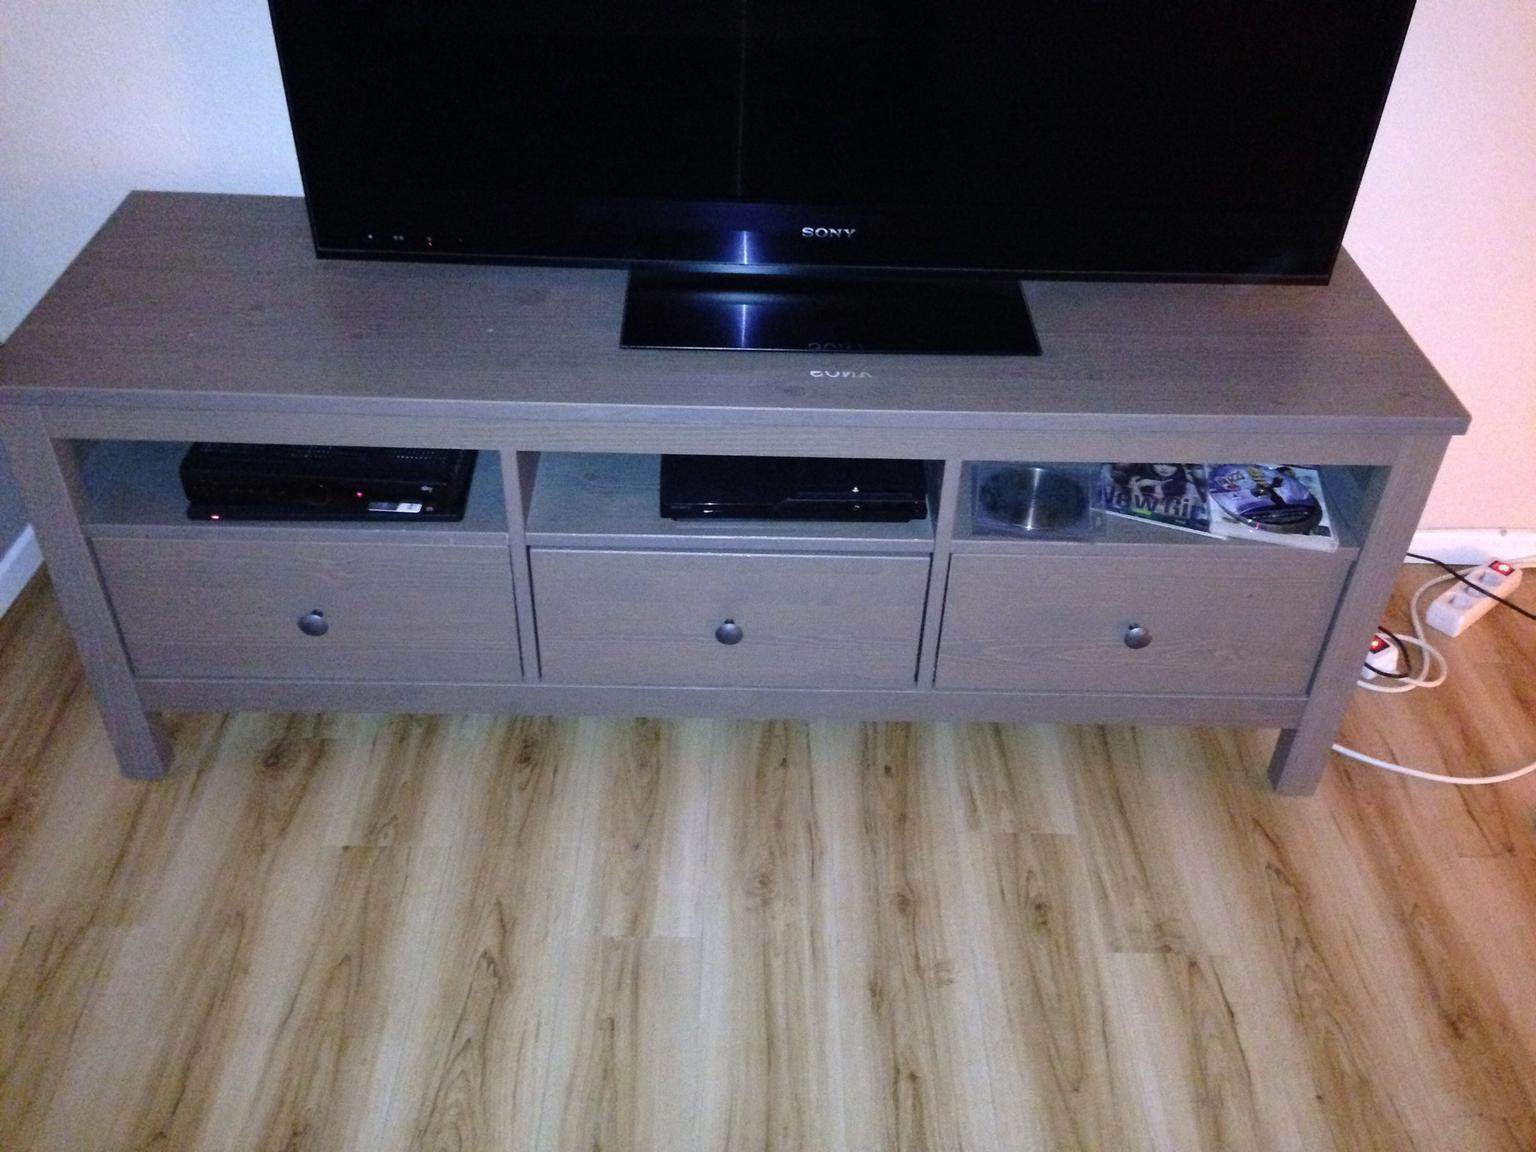 Tv möbel ikea hemnes  Gebraucht HEMNES TV-Bank, graubraun, IKEA in 22529 Hamburg um ...